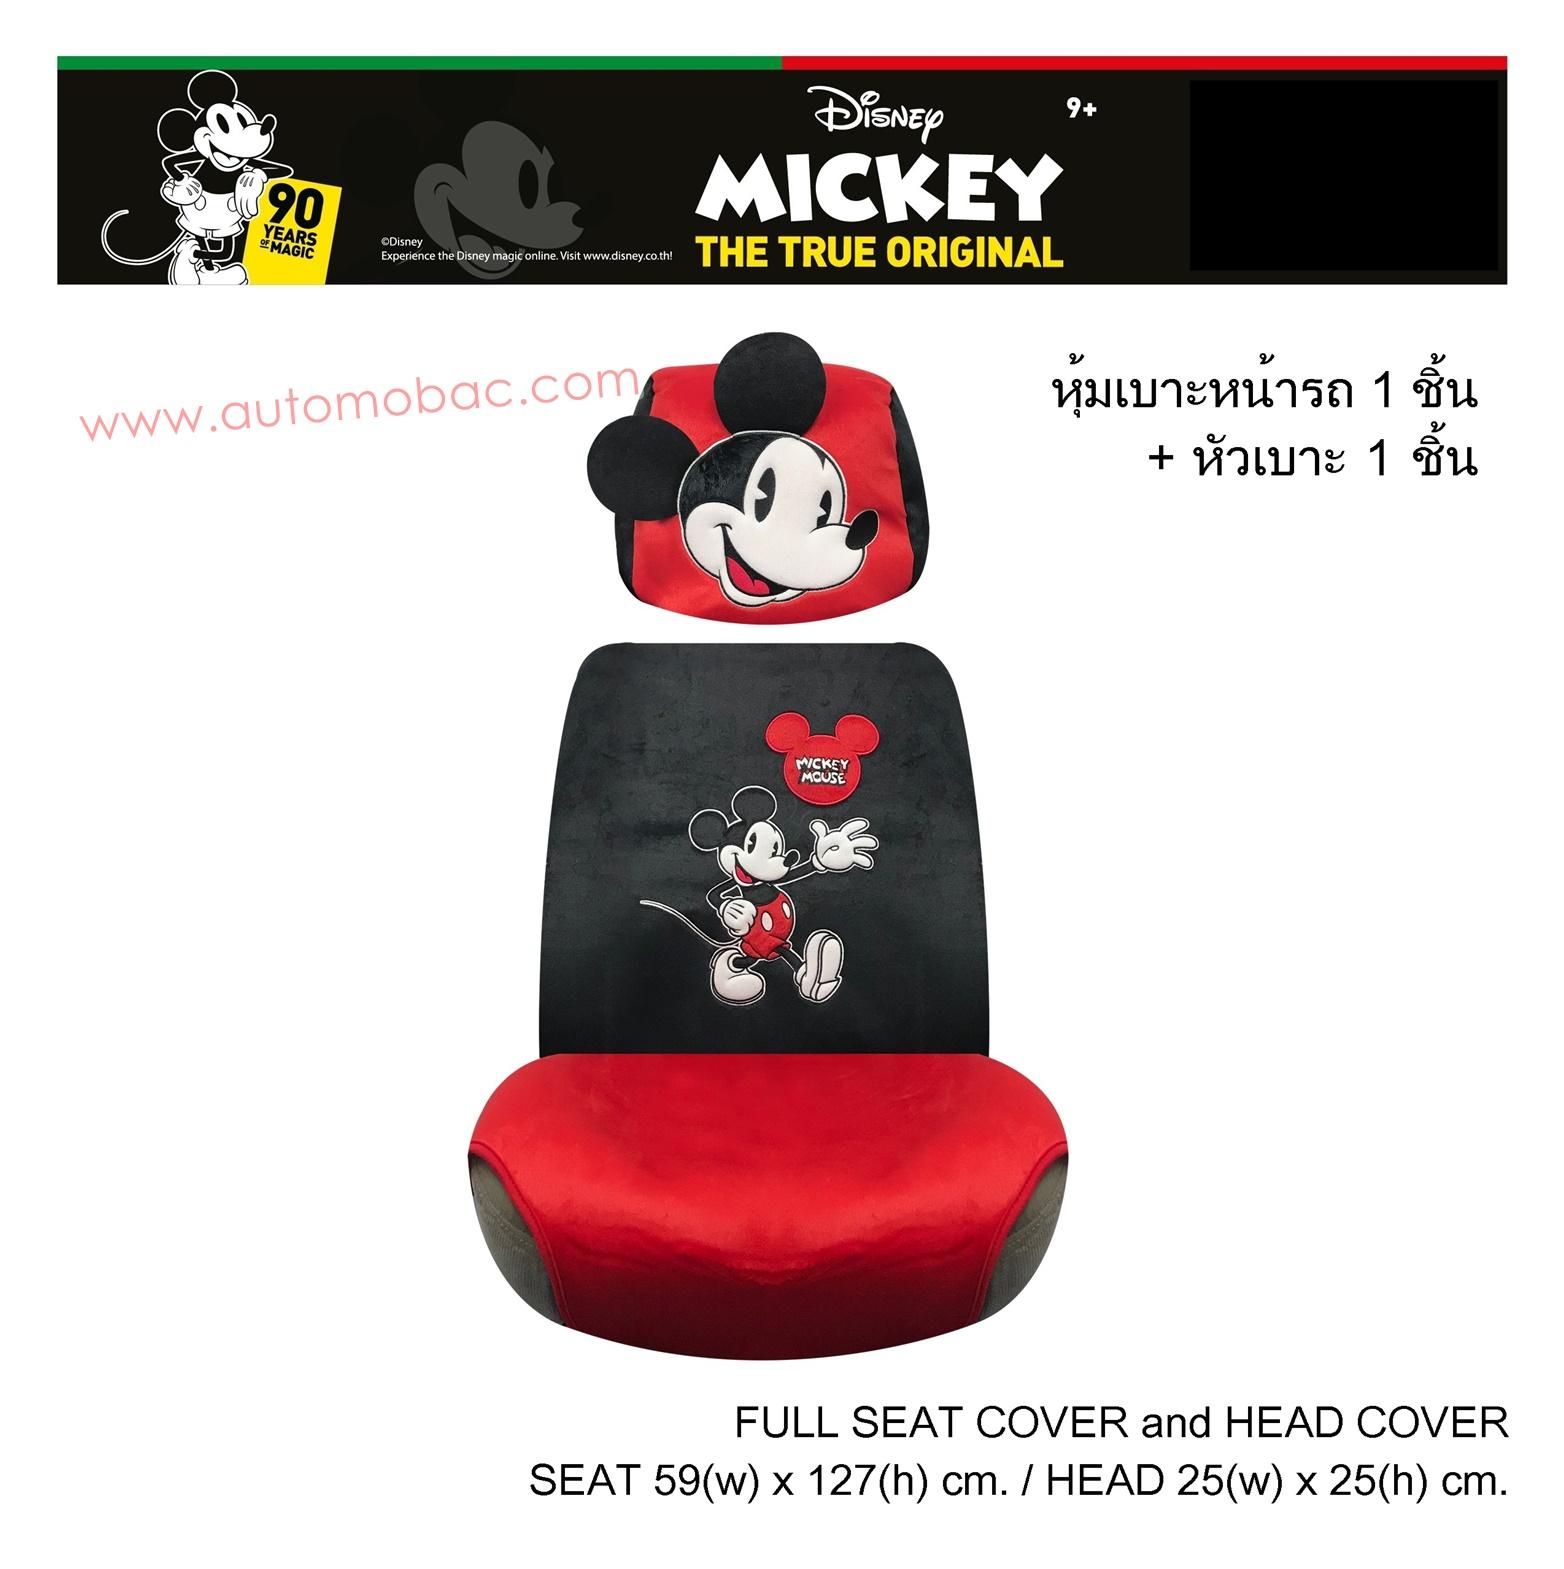 Mickey Mouse PROUD ที่หุ้มหัวเบาะ 1 ชิ้น และหุ้มเบาะหน้า 1 ชิ้น ปกป้องจากความร้อน รอยขีดข่วน แท้